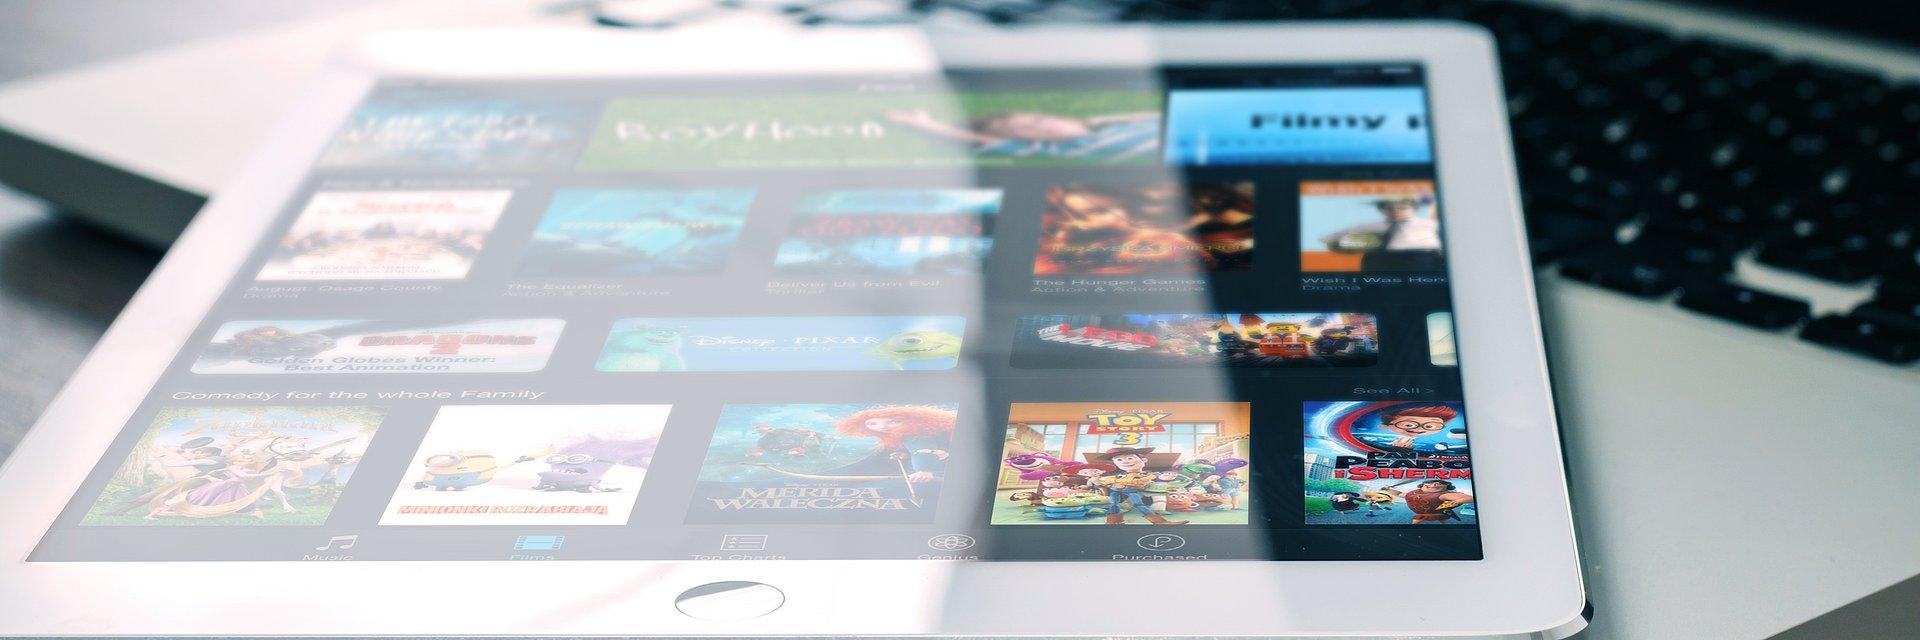 Raport: W 2020 r. SVOD detronizuje tradycyjną telewizję już w 30 krajach. Co będzie dalej?